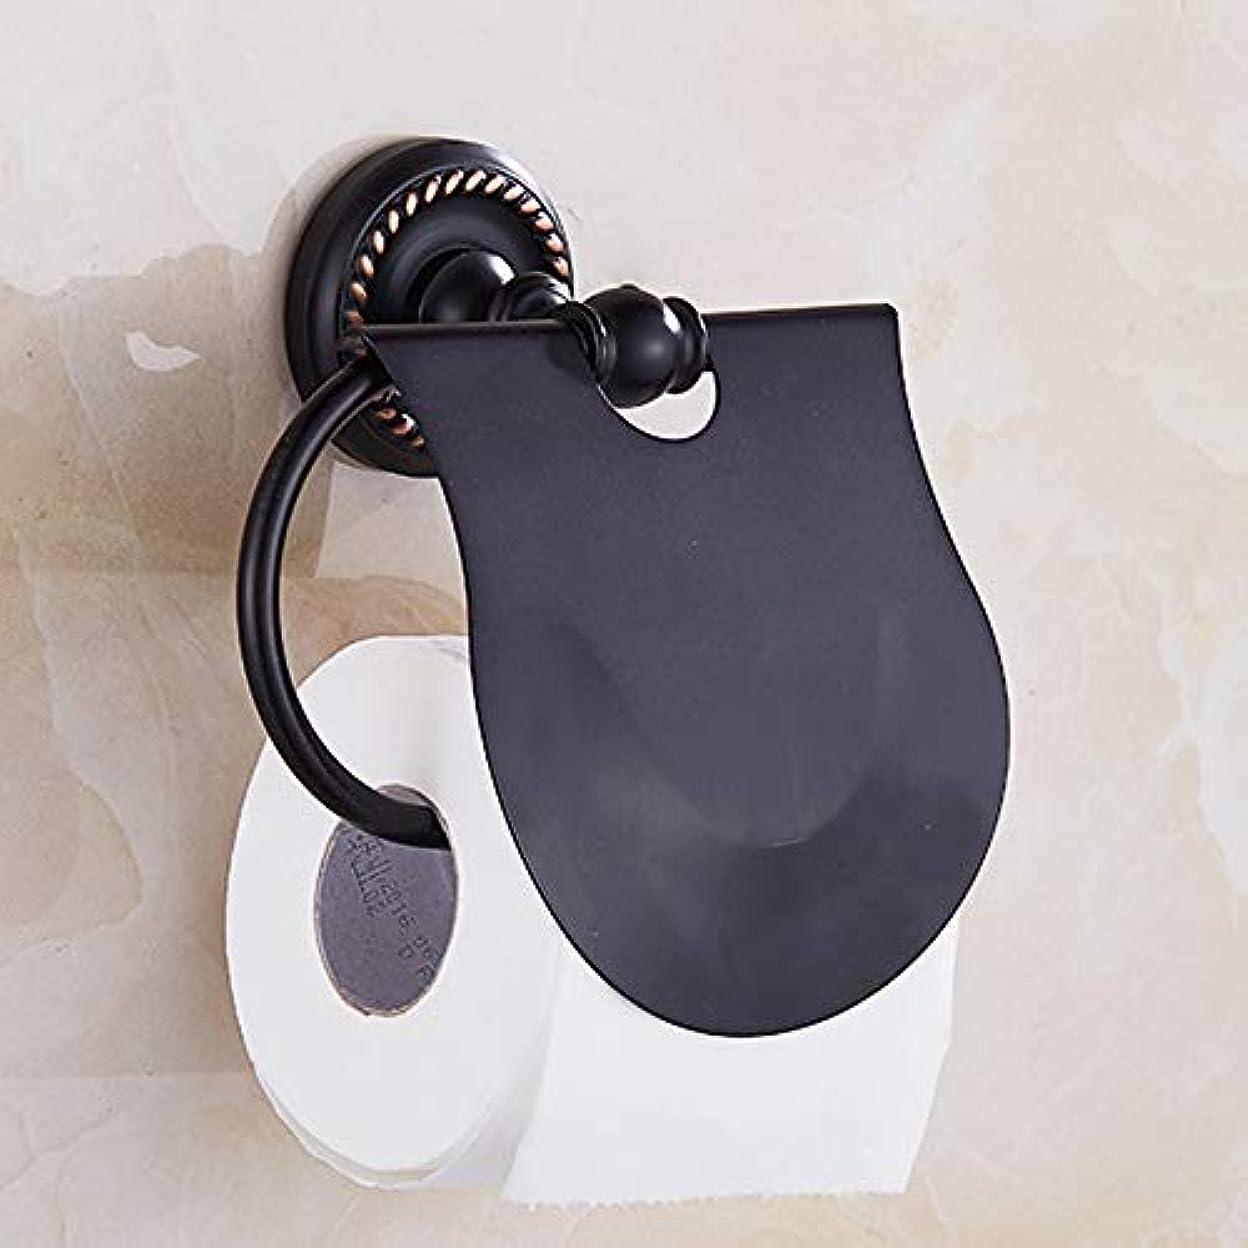 リムサッカーステレオタイプZZLX 紙タオルホルダー、ヨーロッパのレトロフル銅ブラック模造のアンティークトイレットペーパーホルダートイレットペーパートレイ ロングハンドル風呂ブラシ (色 : A)